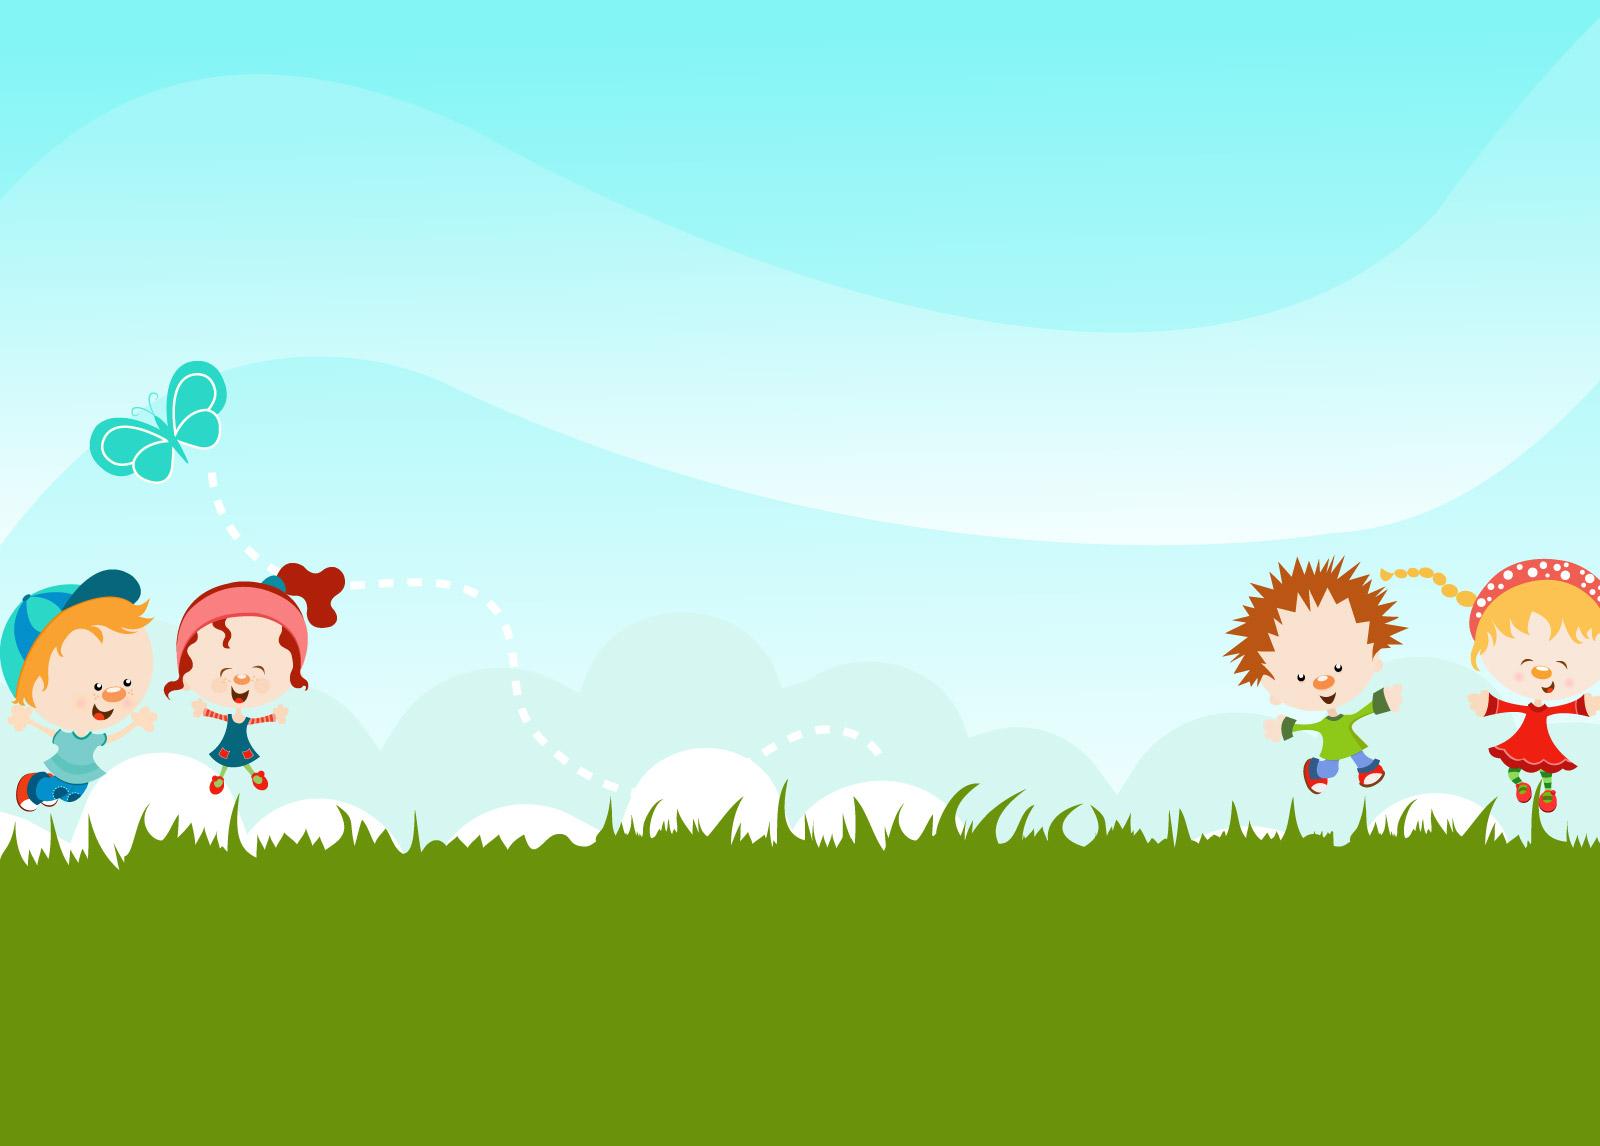 Children Background Images 1600x1146